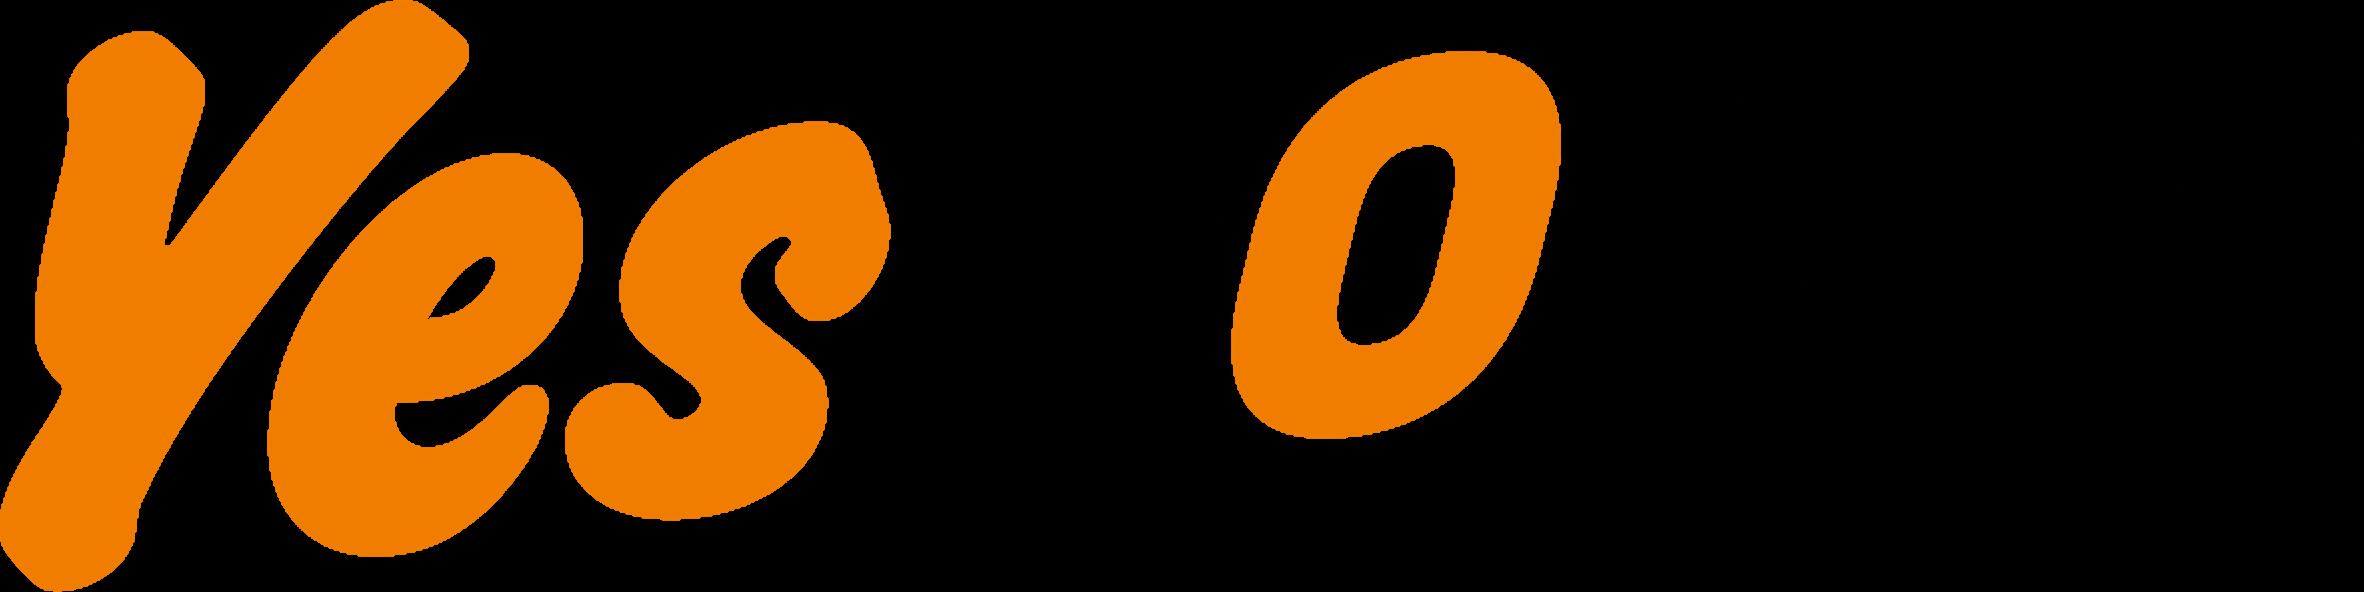 Yesbox.se logotyp